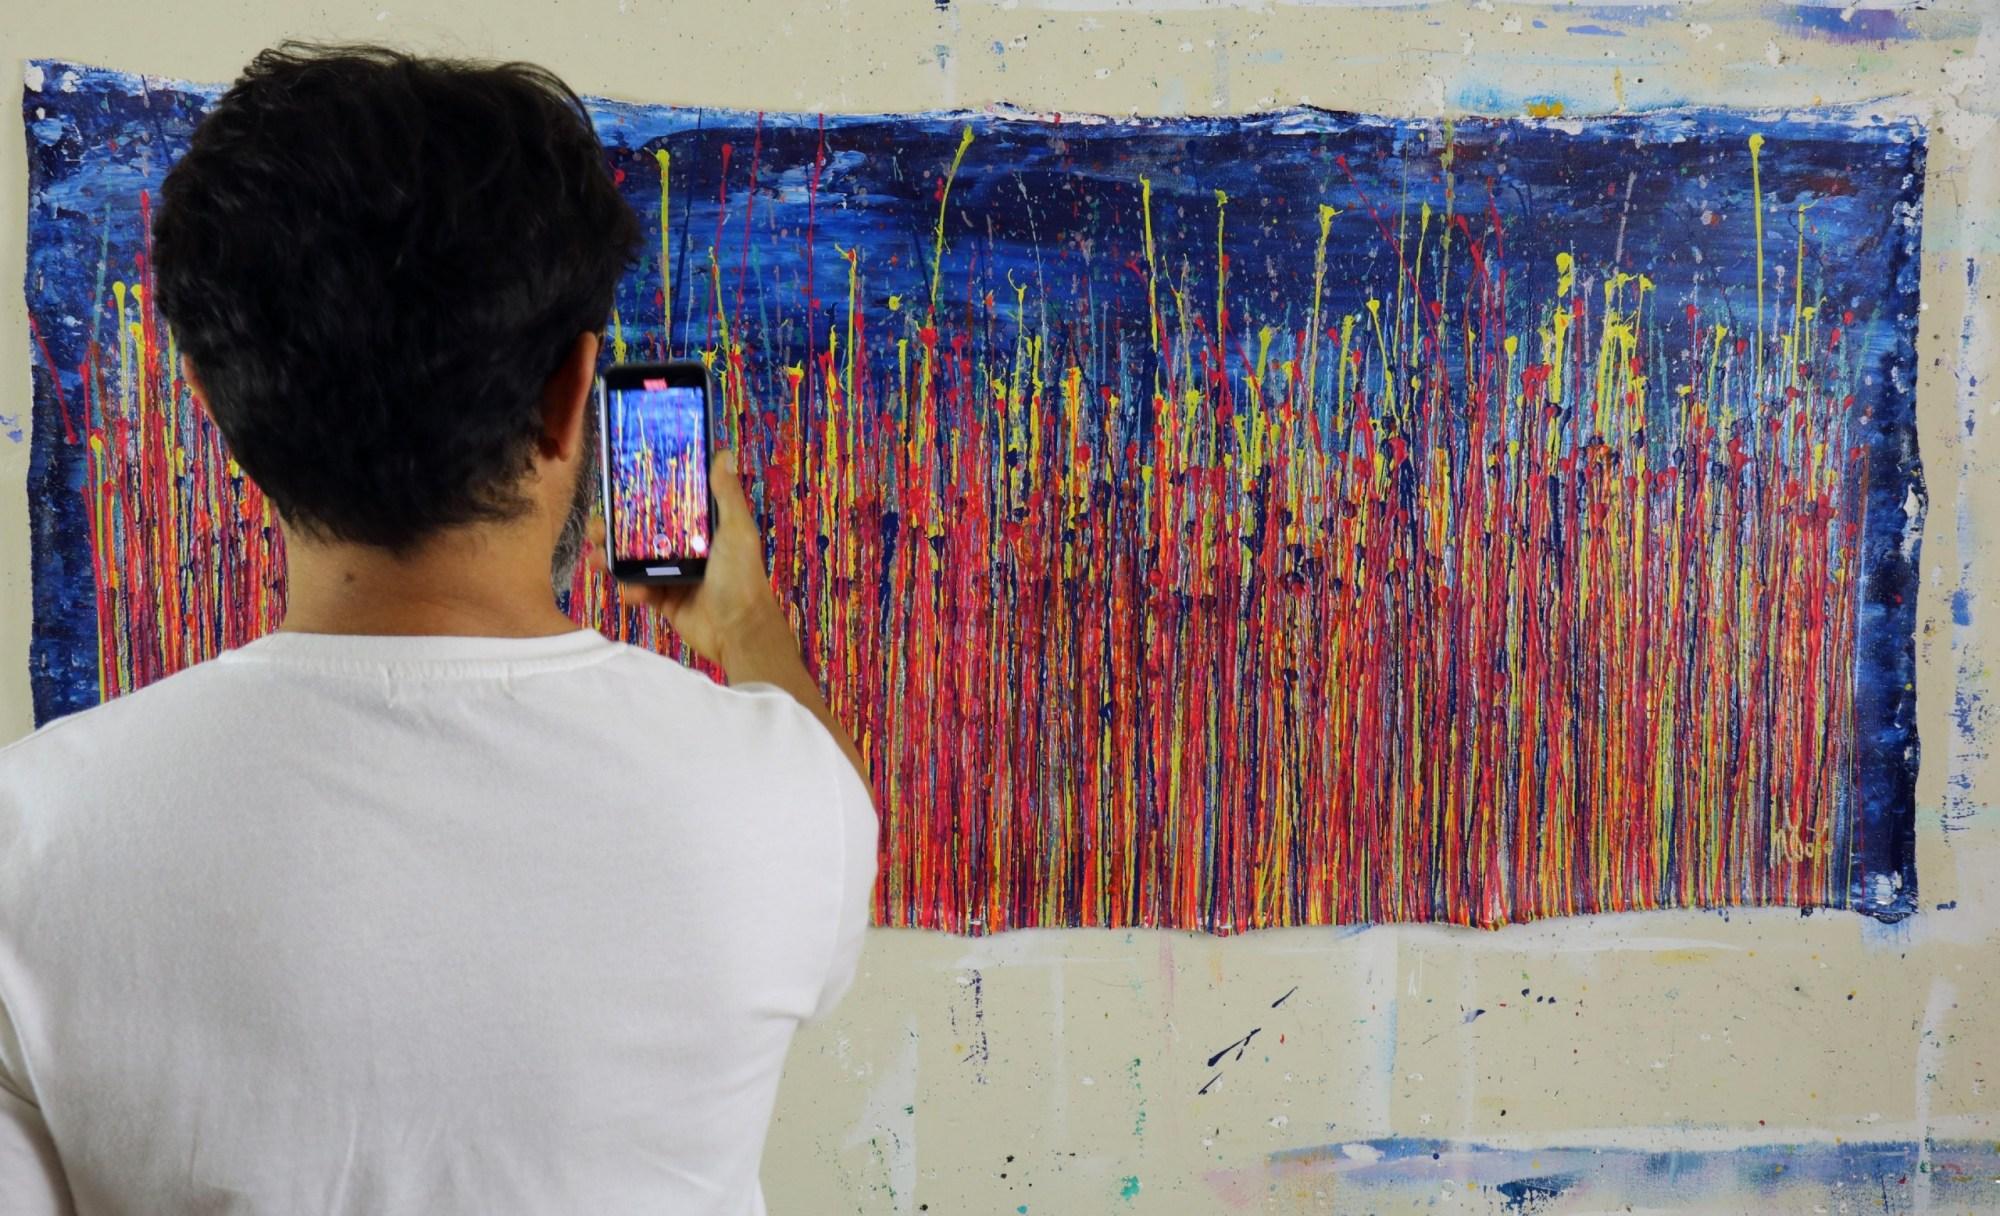 Artist Nestor Toro and his work - Prophecy Garden 2 (2020)